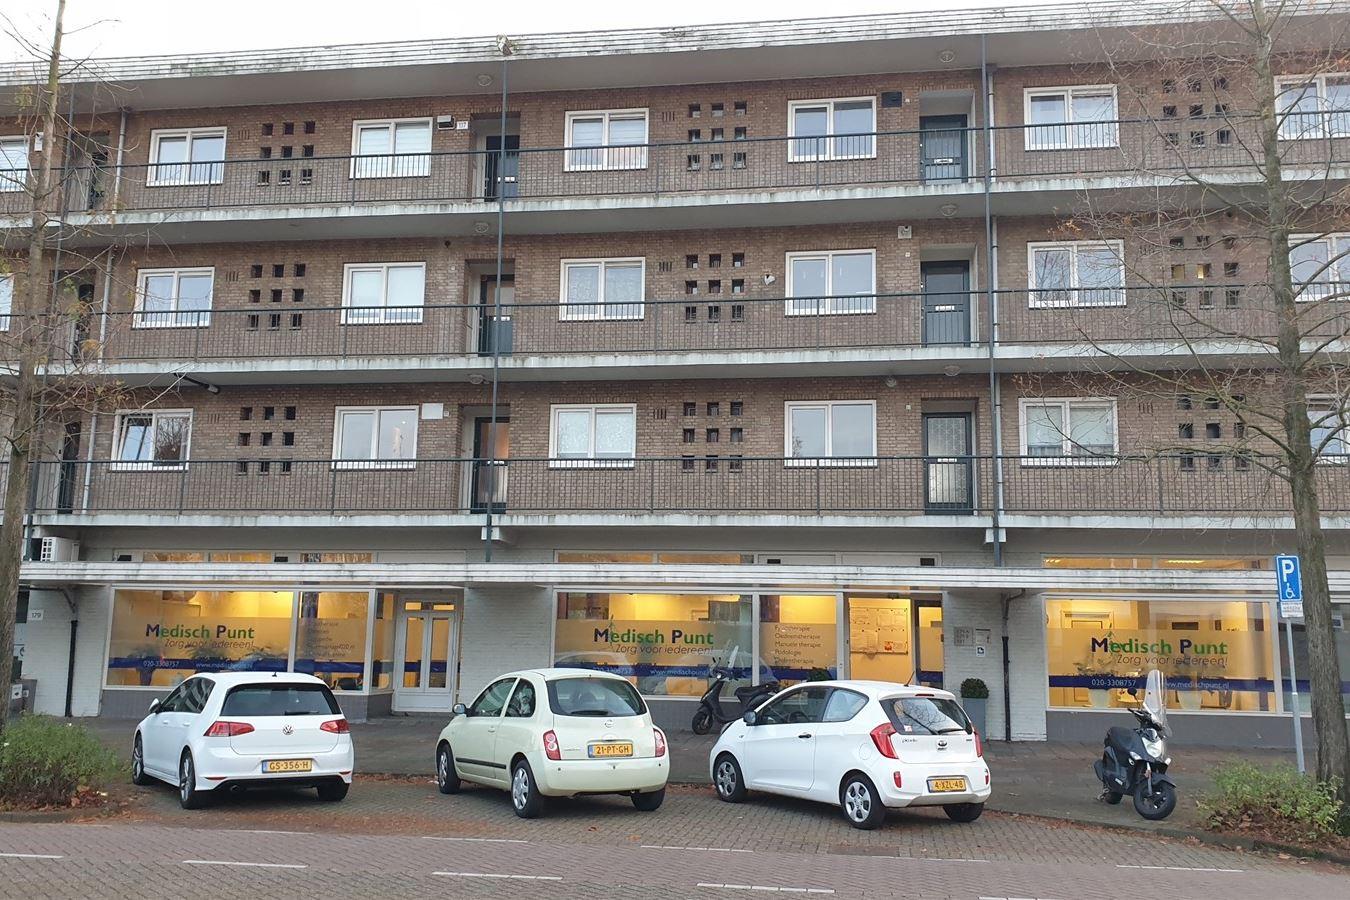 Bekijk foto 1 van Arent Janszoon Ernststraat 179 A, B